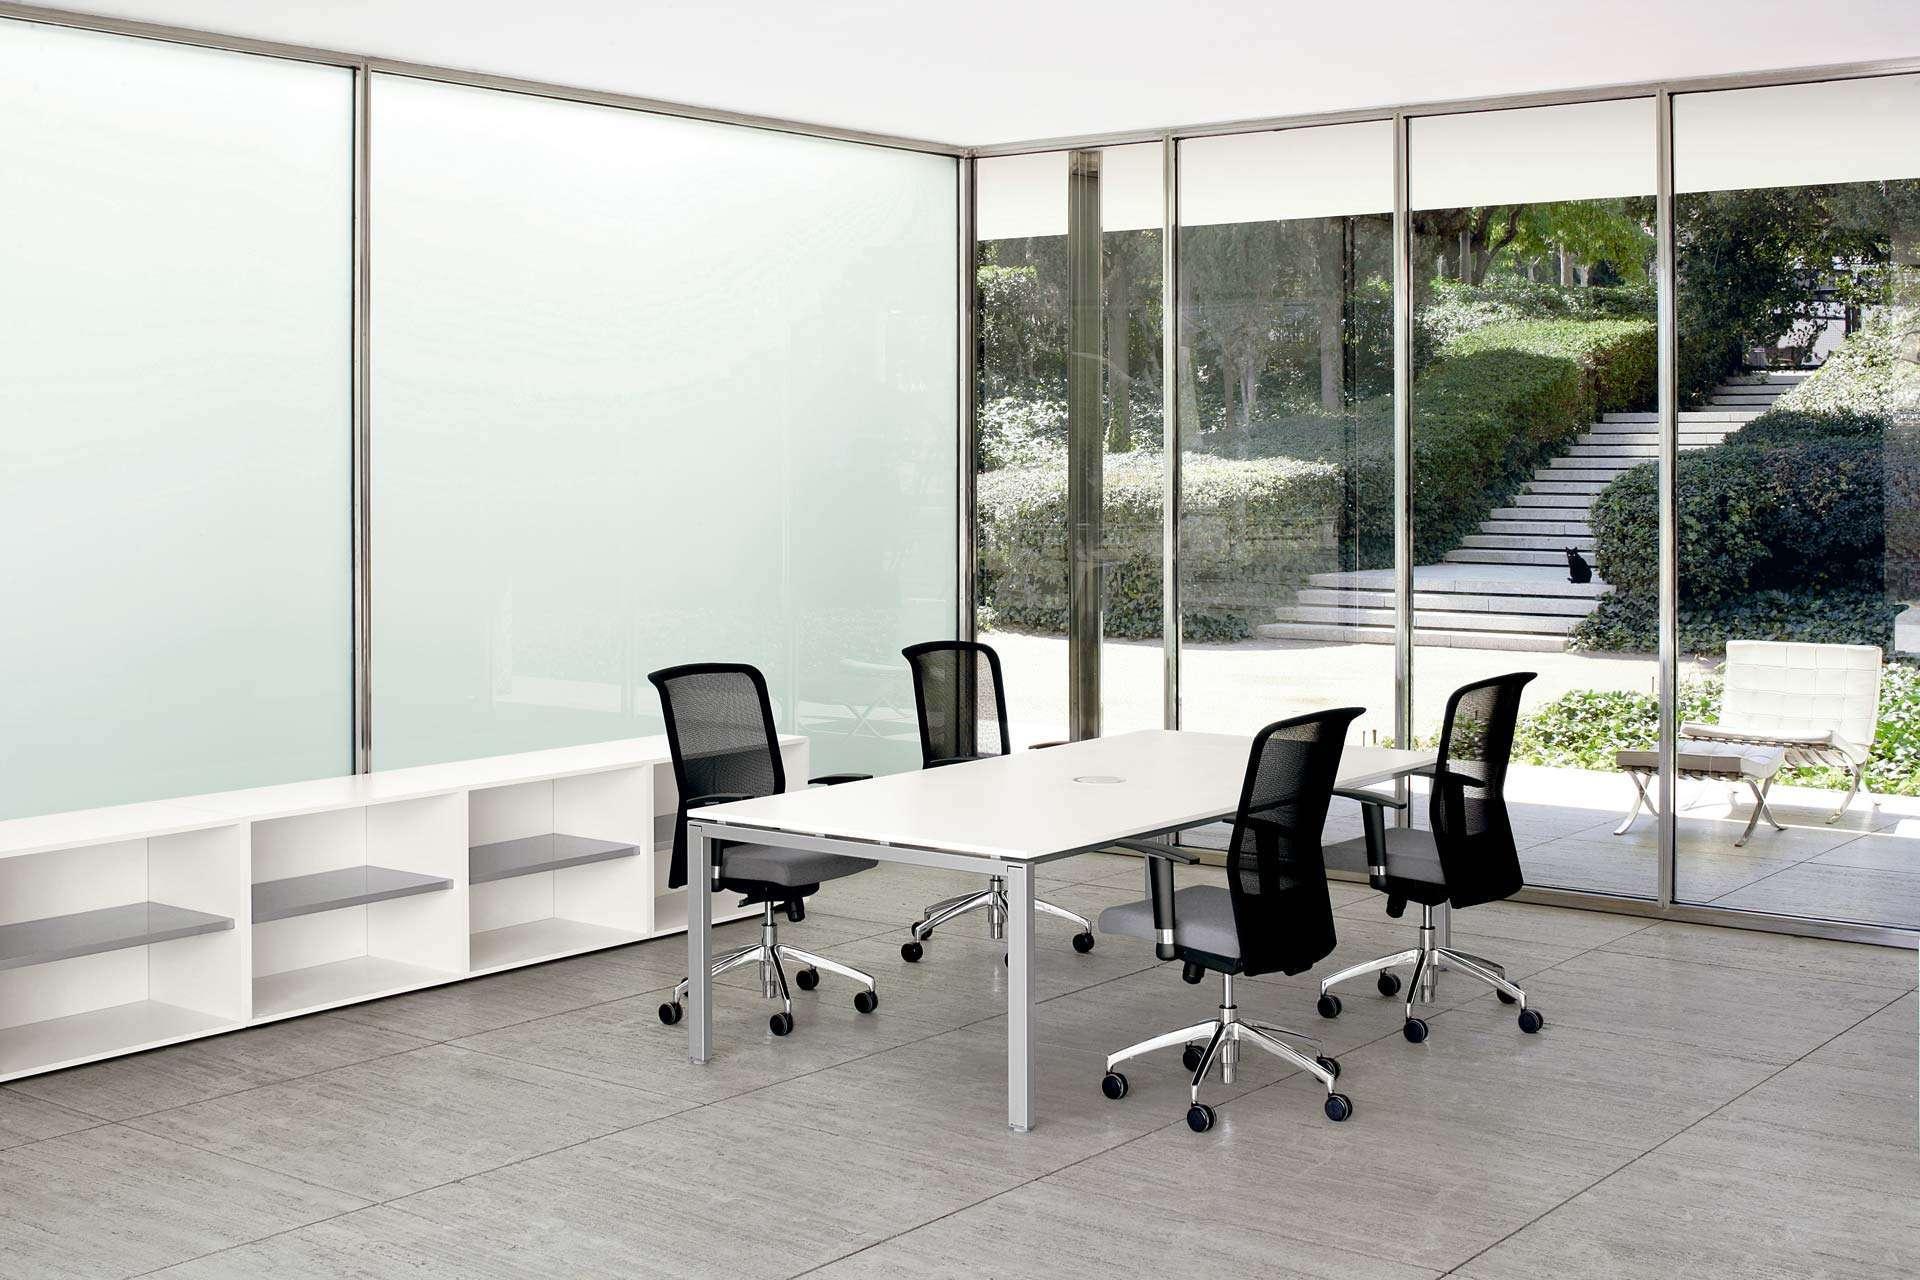 tavolo per riunioni informali Cartesio